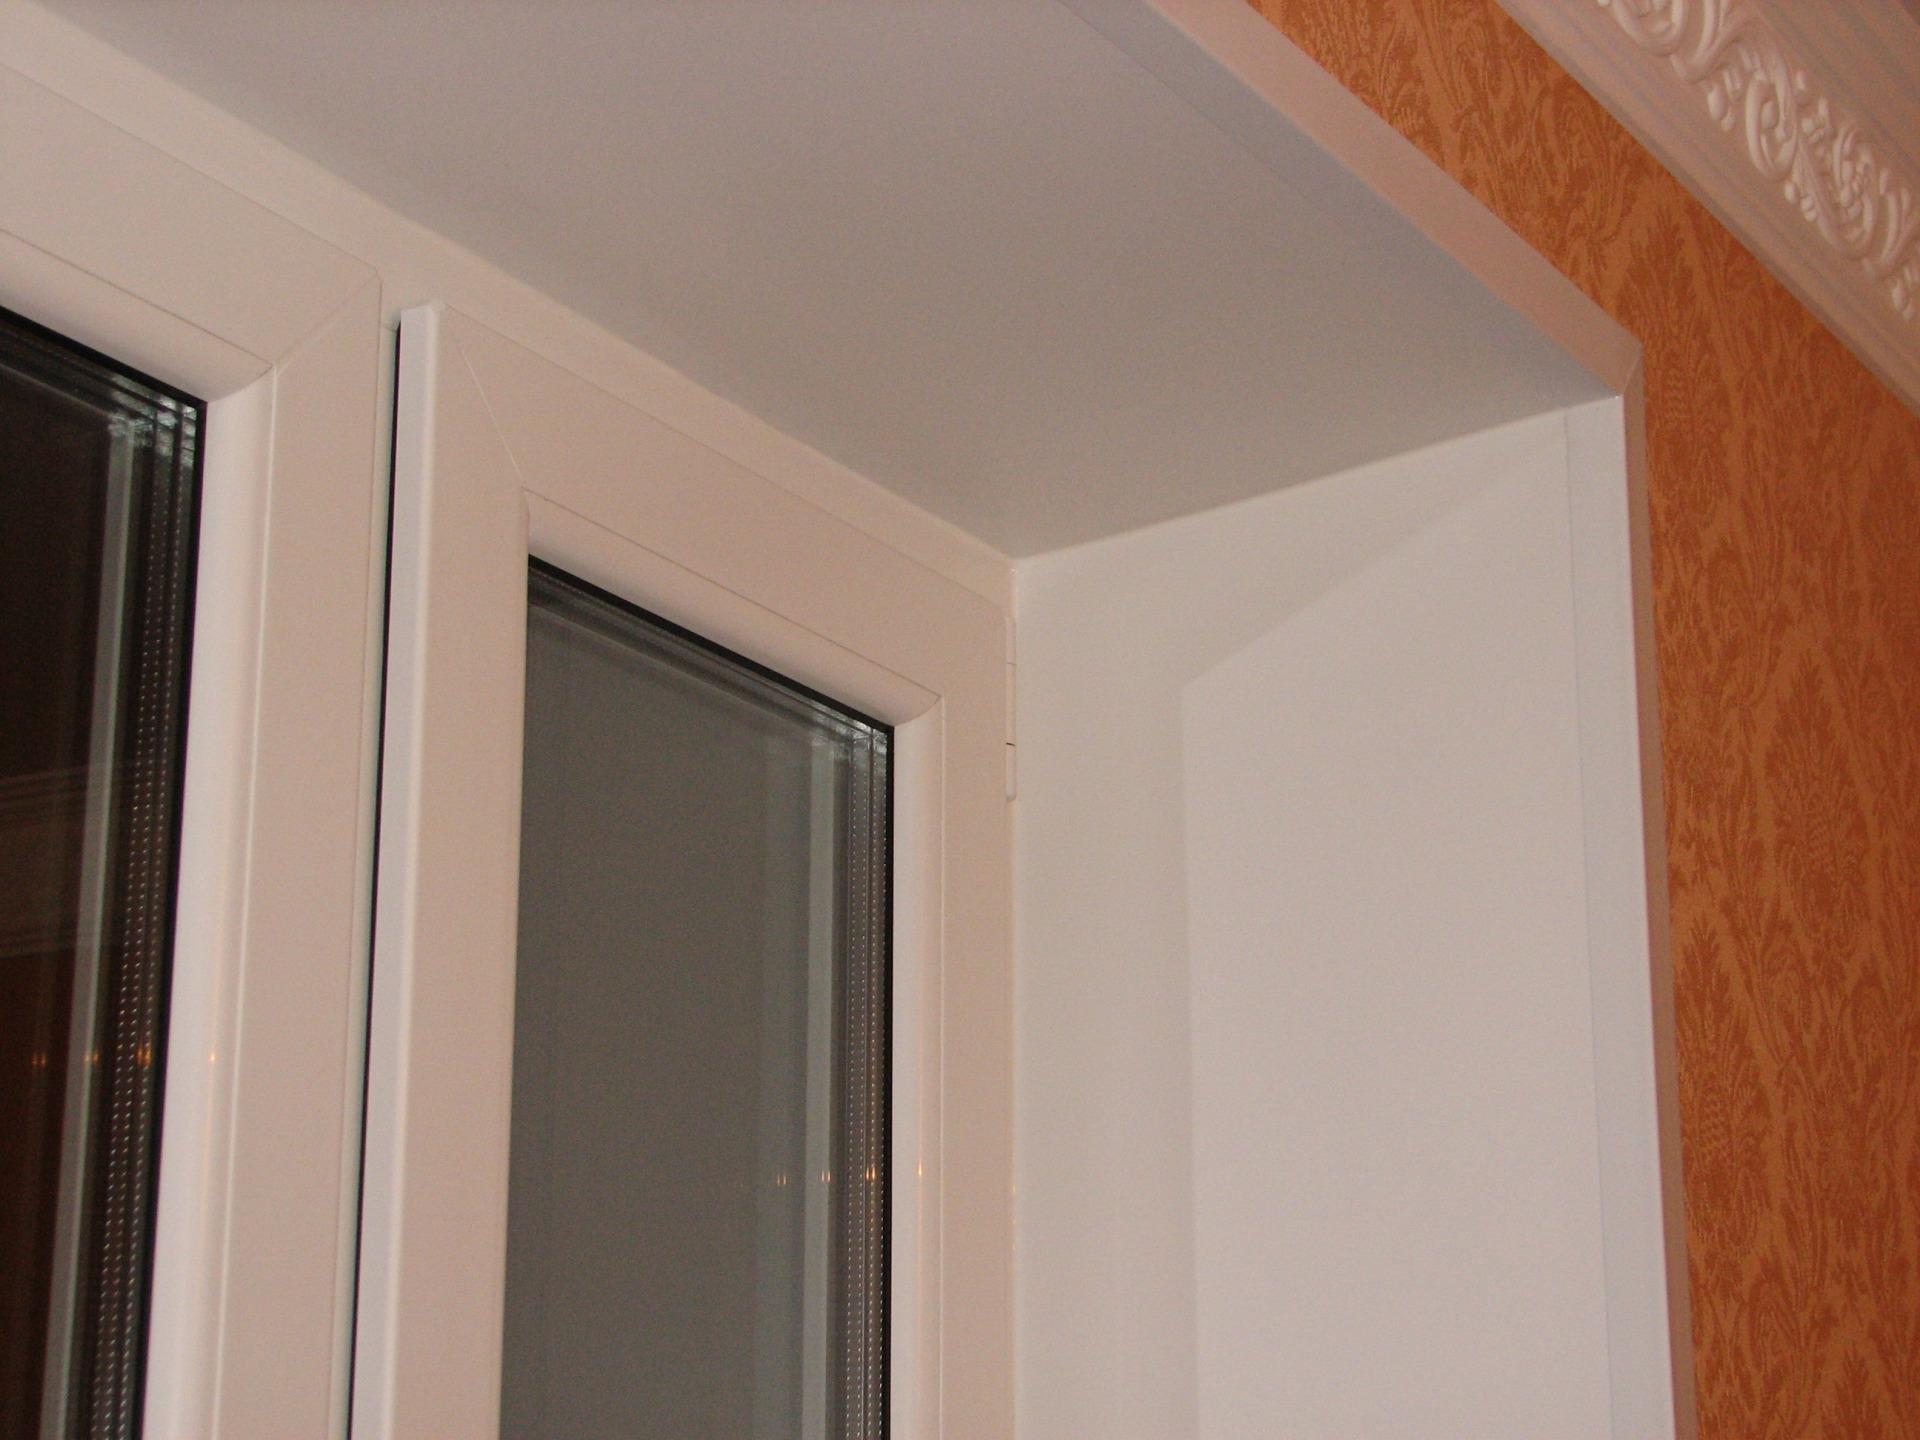 окна ПВХ - откосы